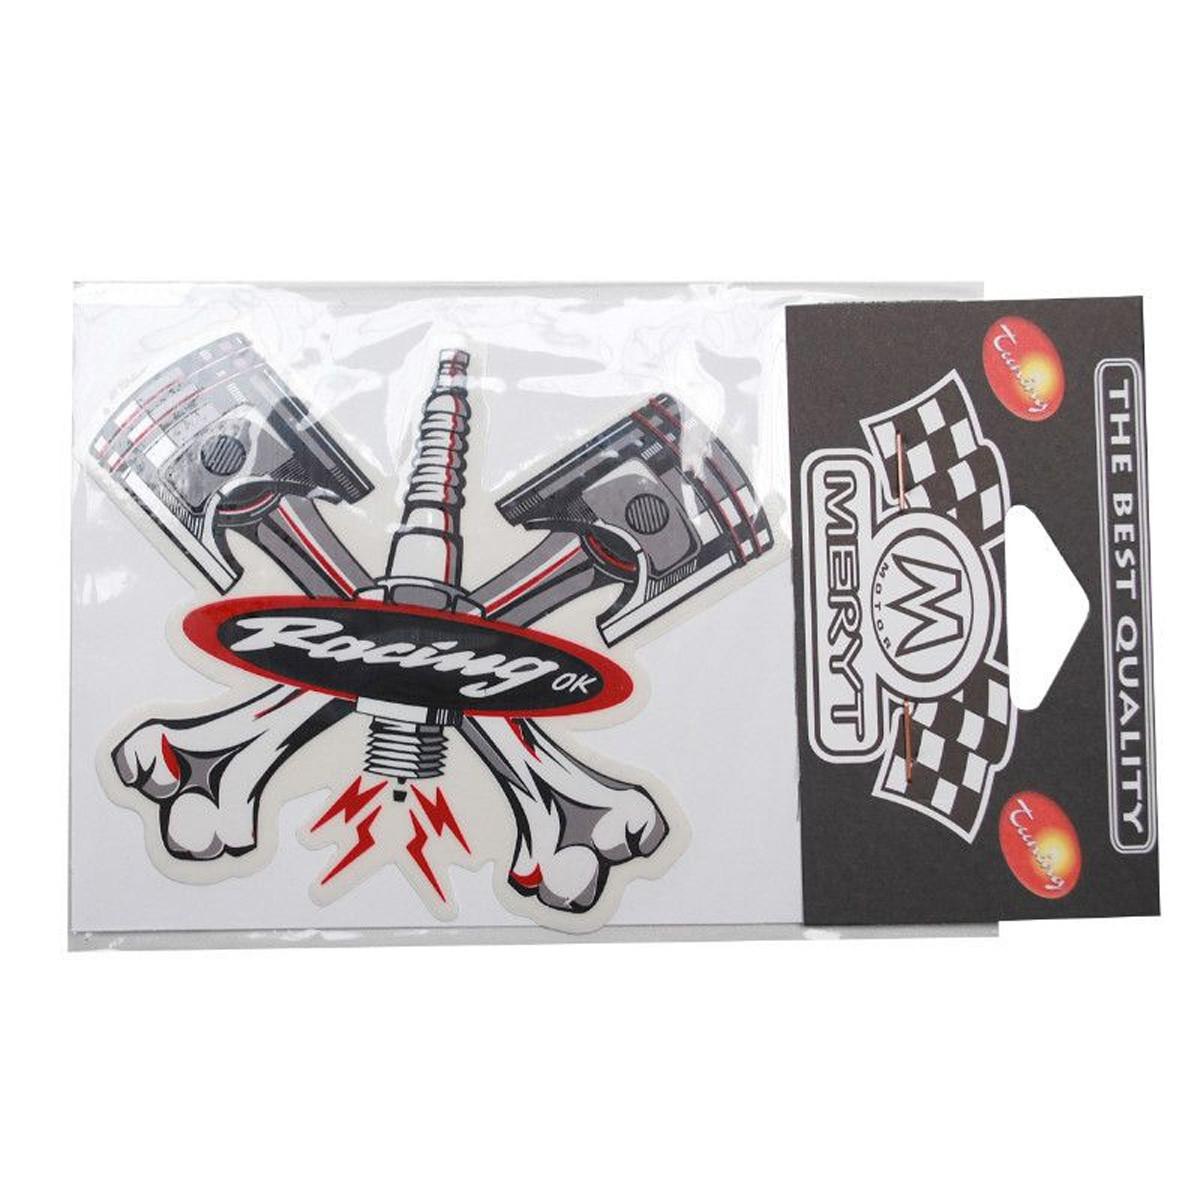 Autocollant / Sticker - MERYT Racing 2 Piston 1 Bougie 11.5cm